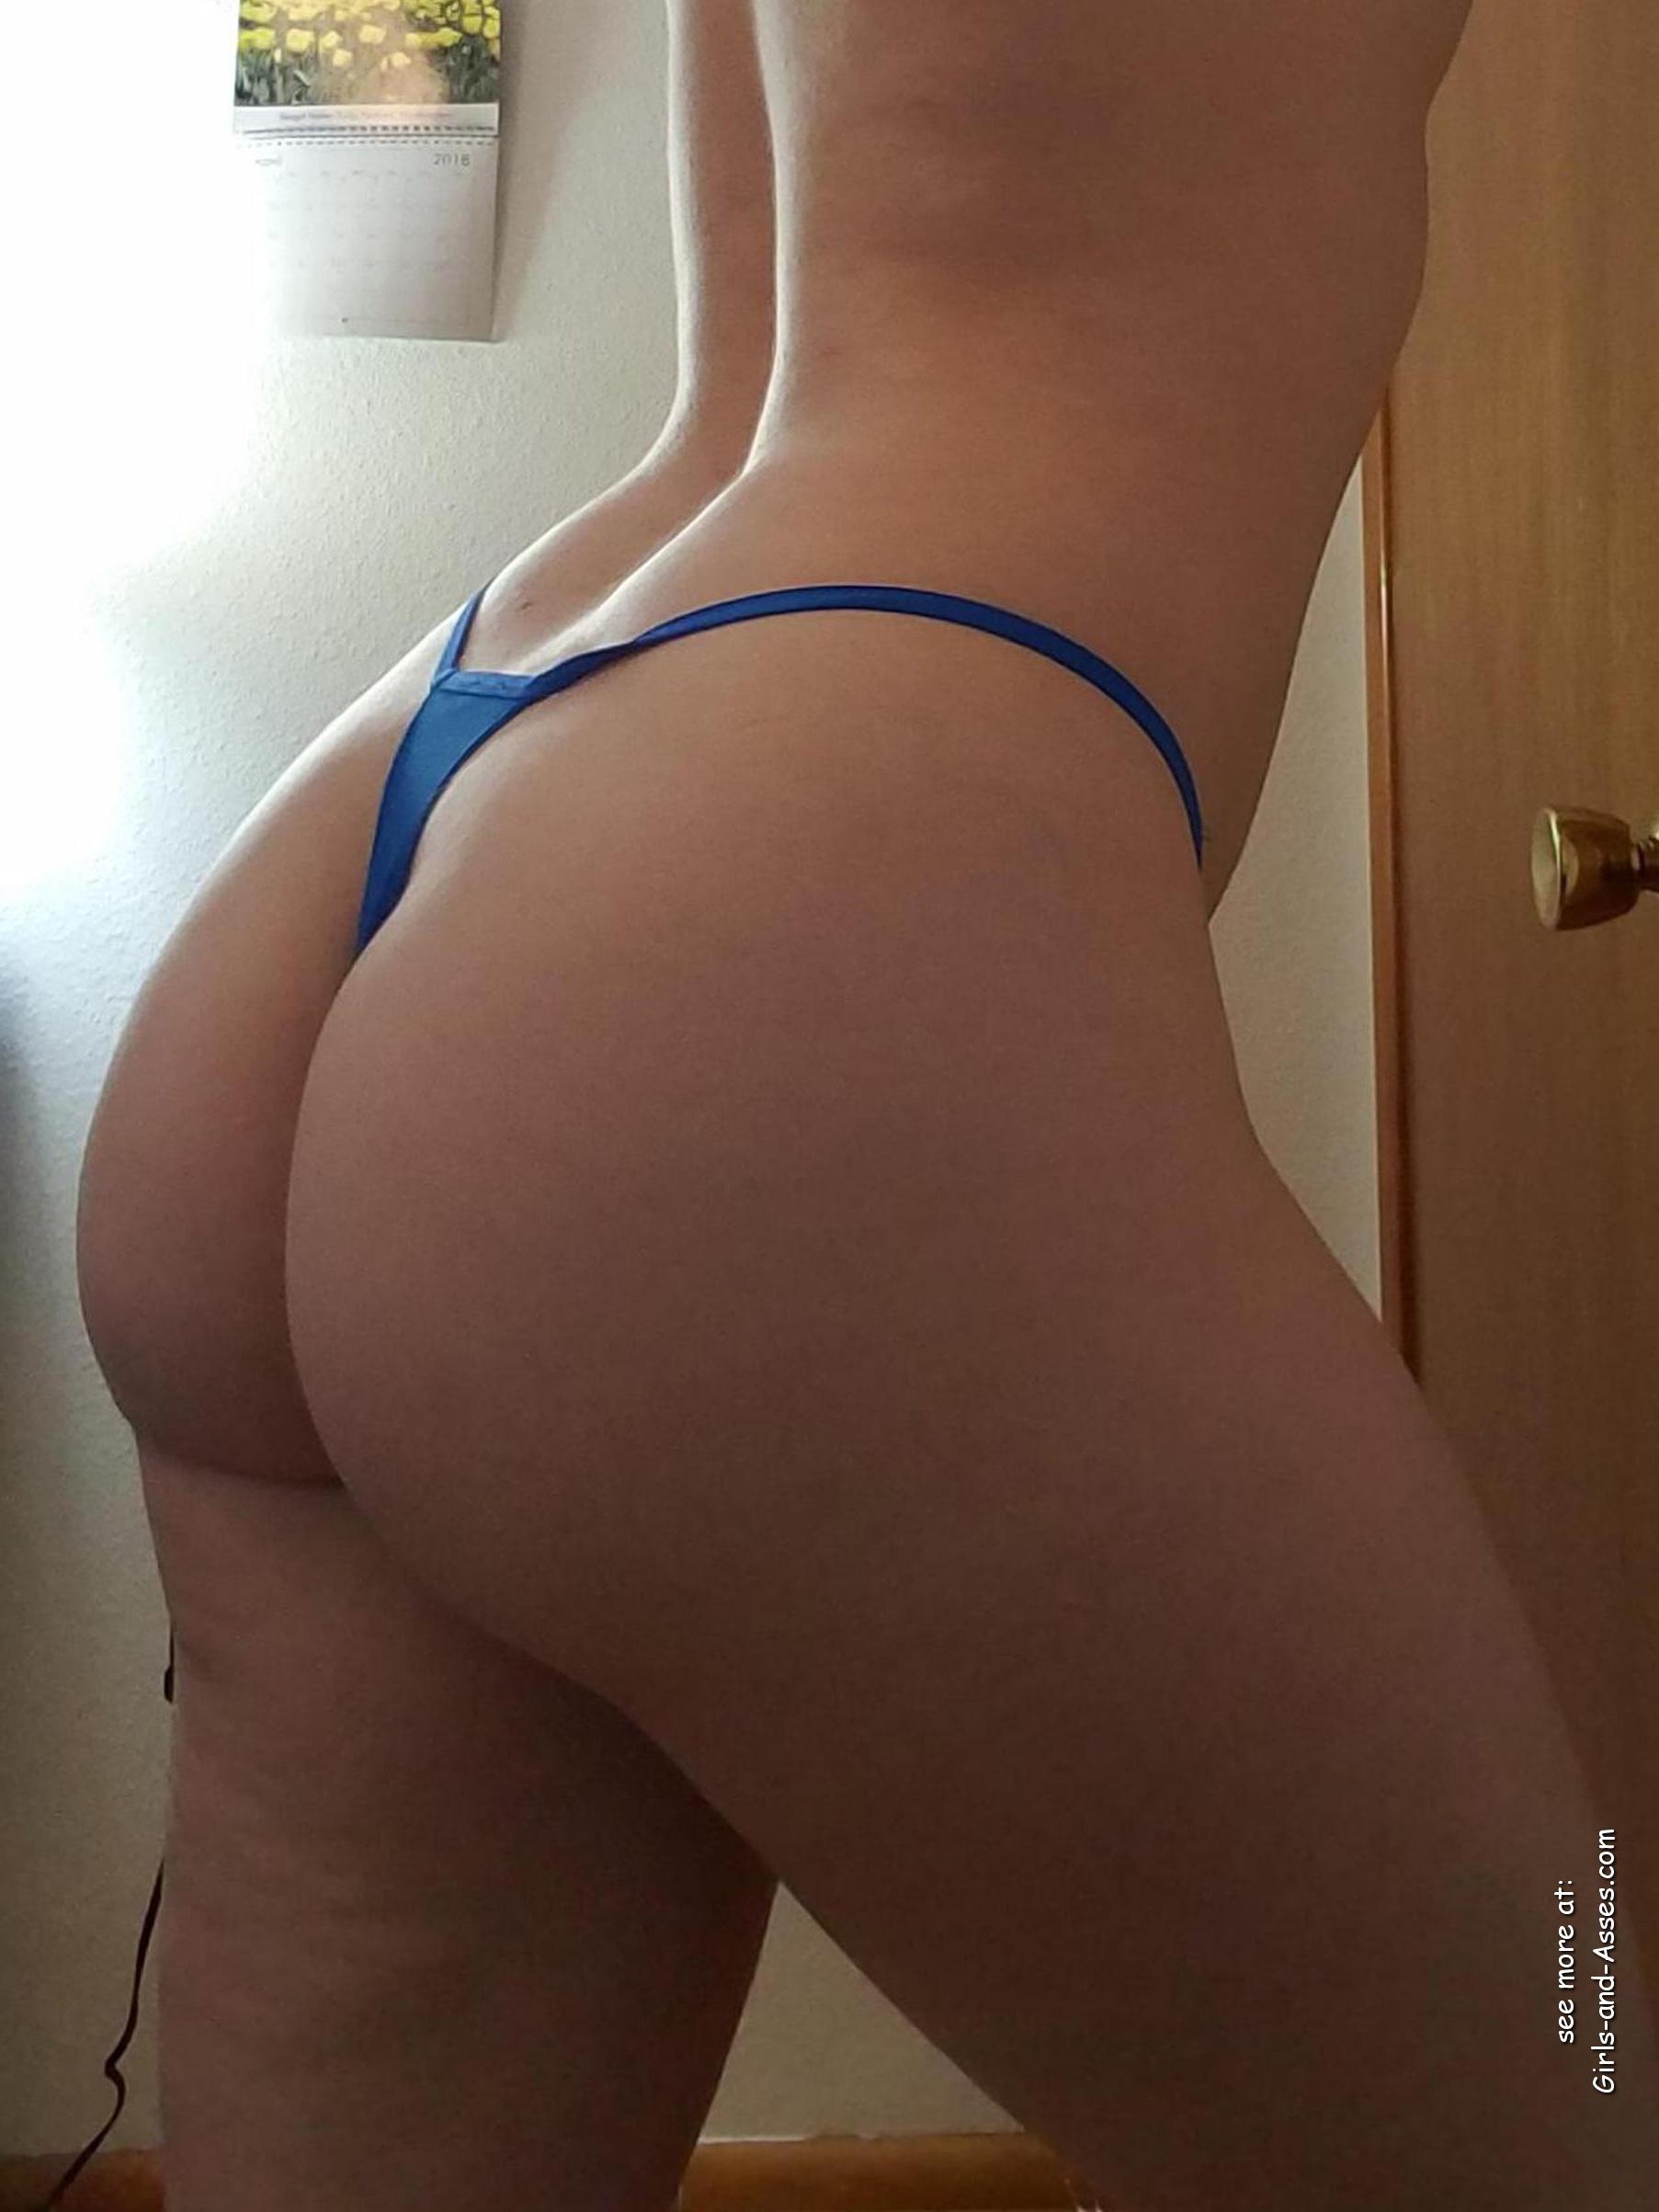 naked milf ass photo 01637